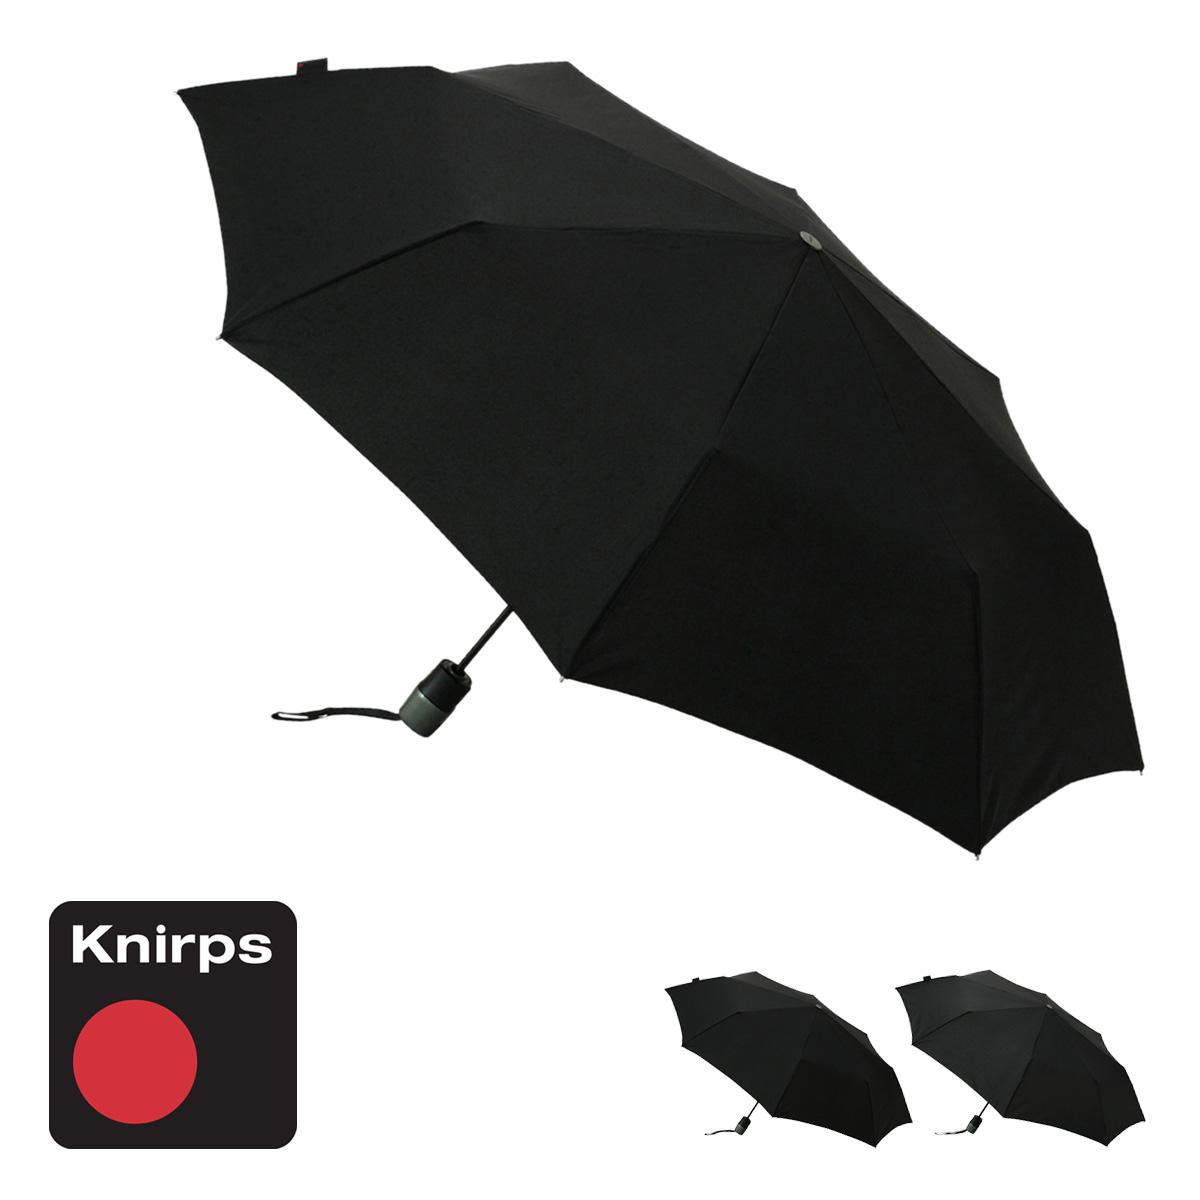 送料無料 クニルプス 折りたたみ傘 ミニ傘 T.320 メンズ 5年保証 安値 Knirps ☆新作入荷☆新品 雨傘 KNT320 PO10 自動開閉